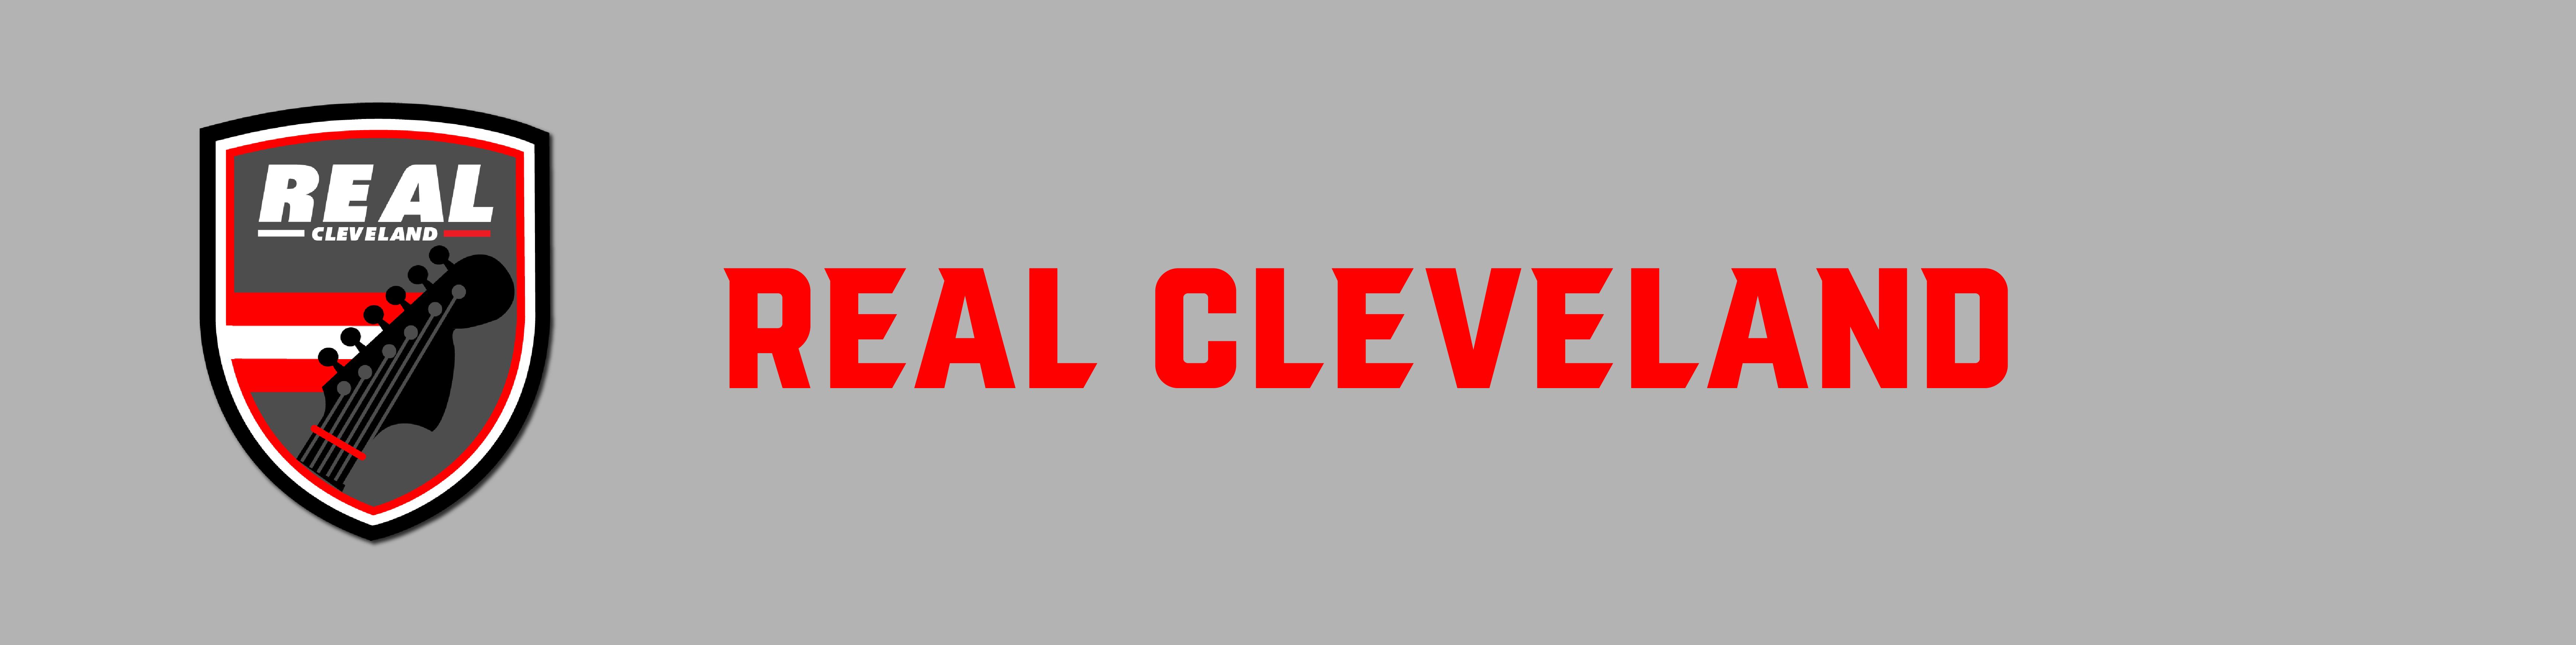 https://i.ibb.co/0KvScK7/Real-Cleveland-APL.png